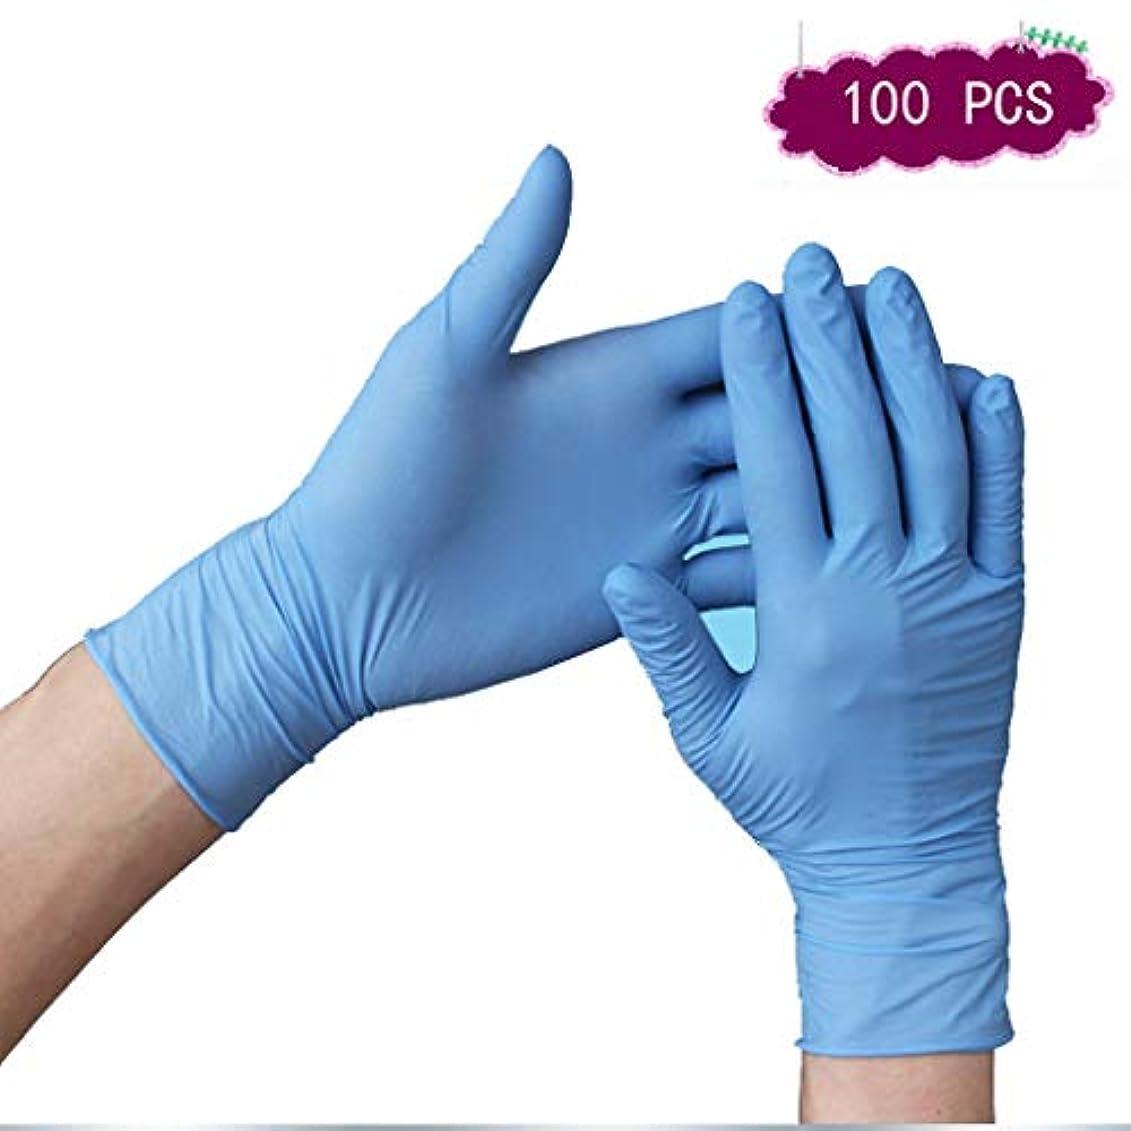 優れた大工ベルト粉末保護厚み付けないパウダーなしの使い捨てラテックス手袋は、ニトリル食品用ゴム青い防水肥厚 (Size : S)